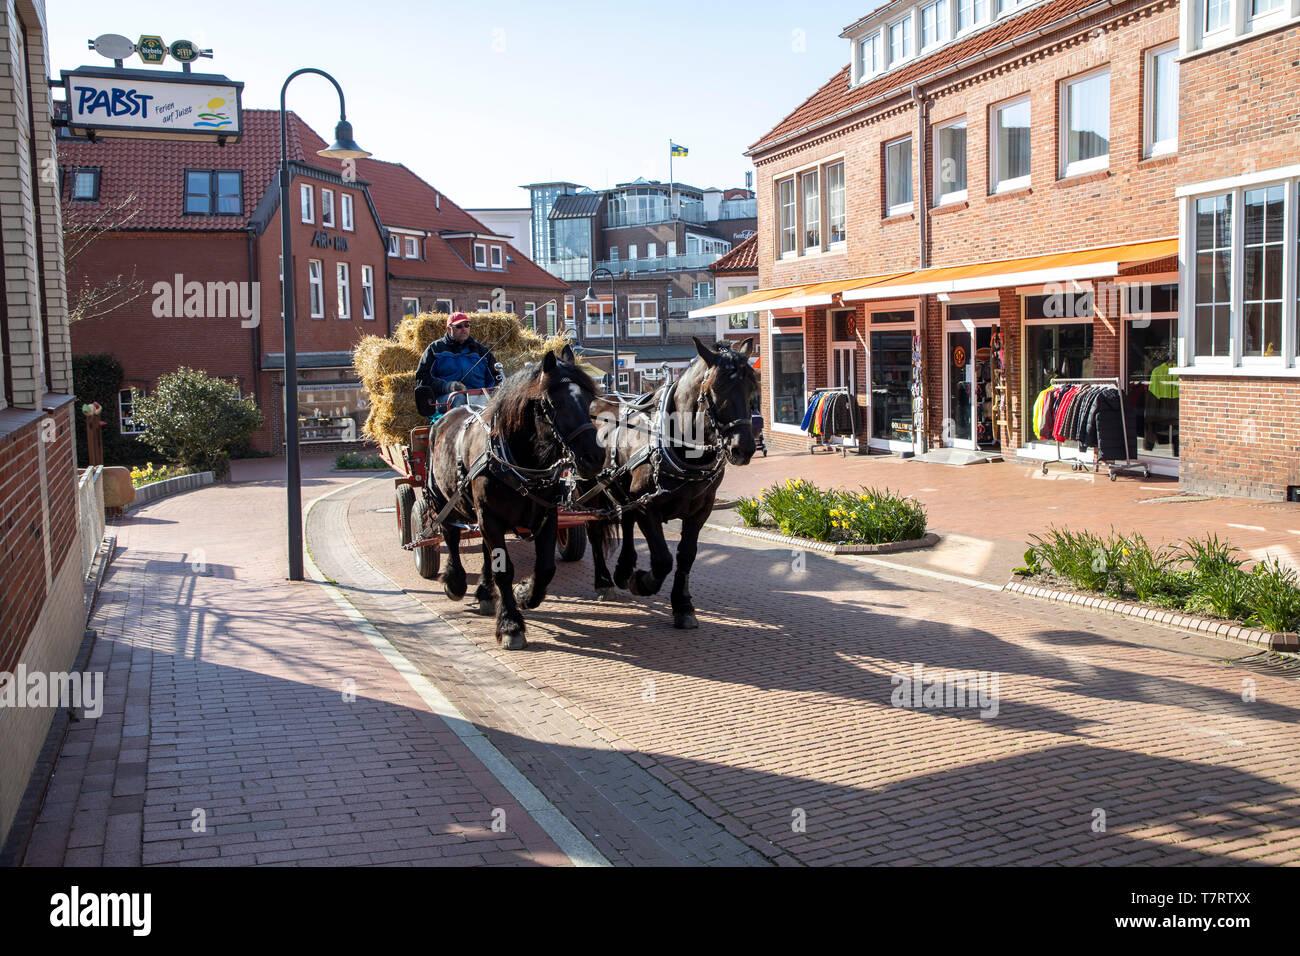 Isola del Mare del Nord di Juist, Frisia orientale, isola-tipica carrozza trainata da cavalli, come mezzo di trasporto, Bassa Sassonia, Germania, Immagini Stock